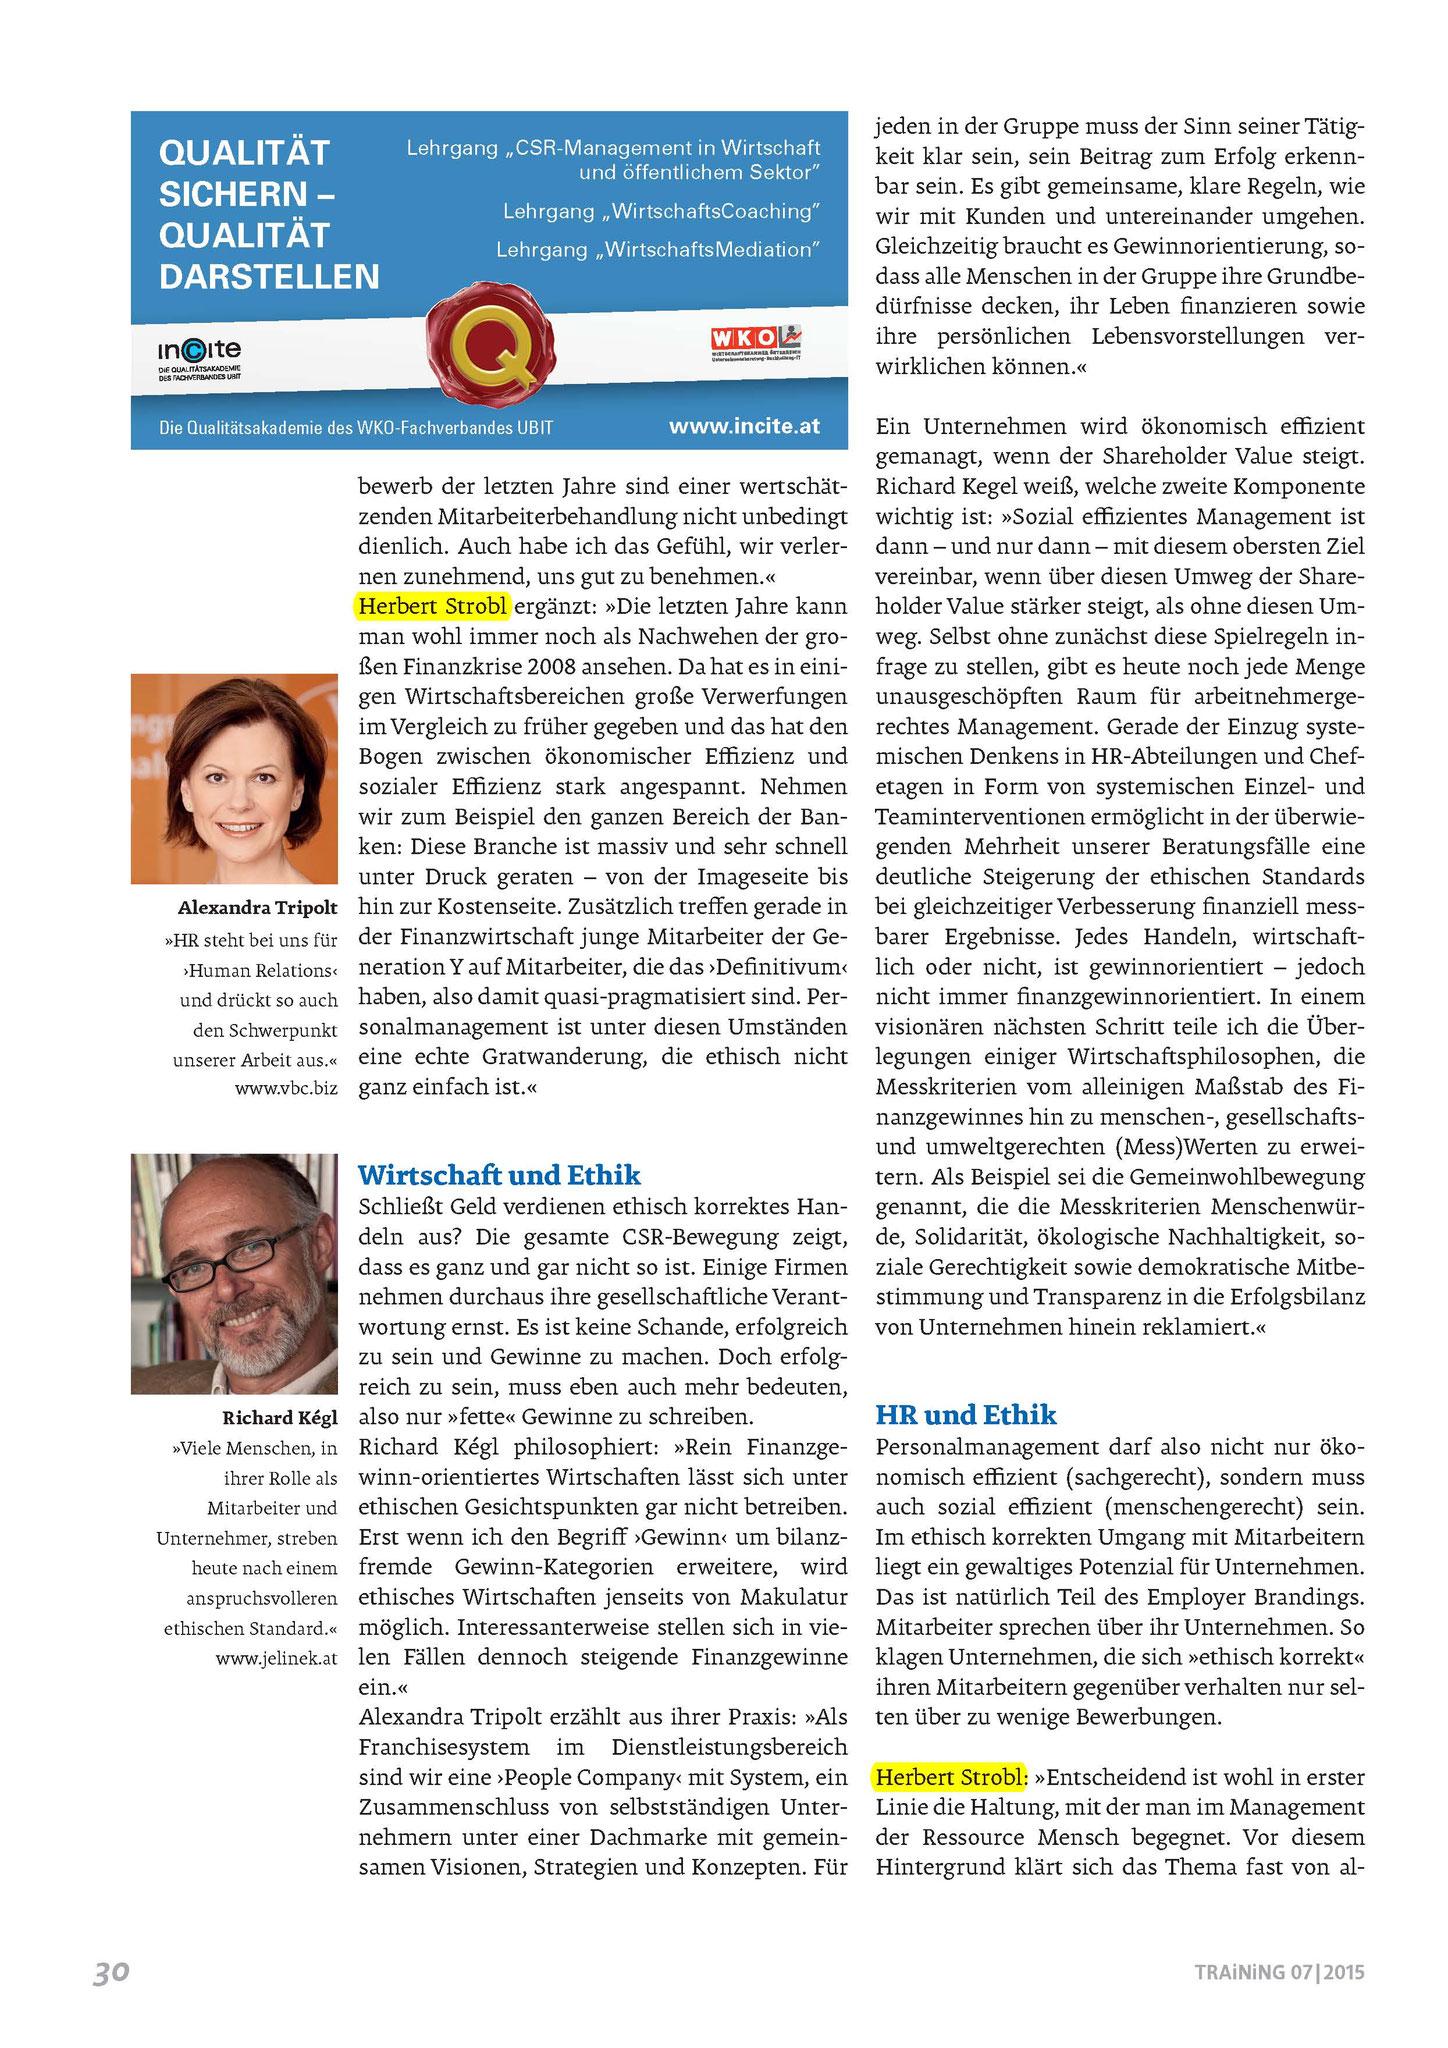 Ethik und HR - Ein Widerspruch? Seite 2